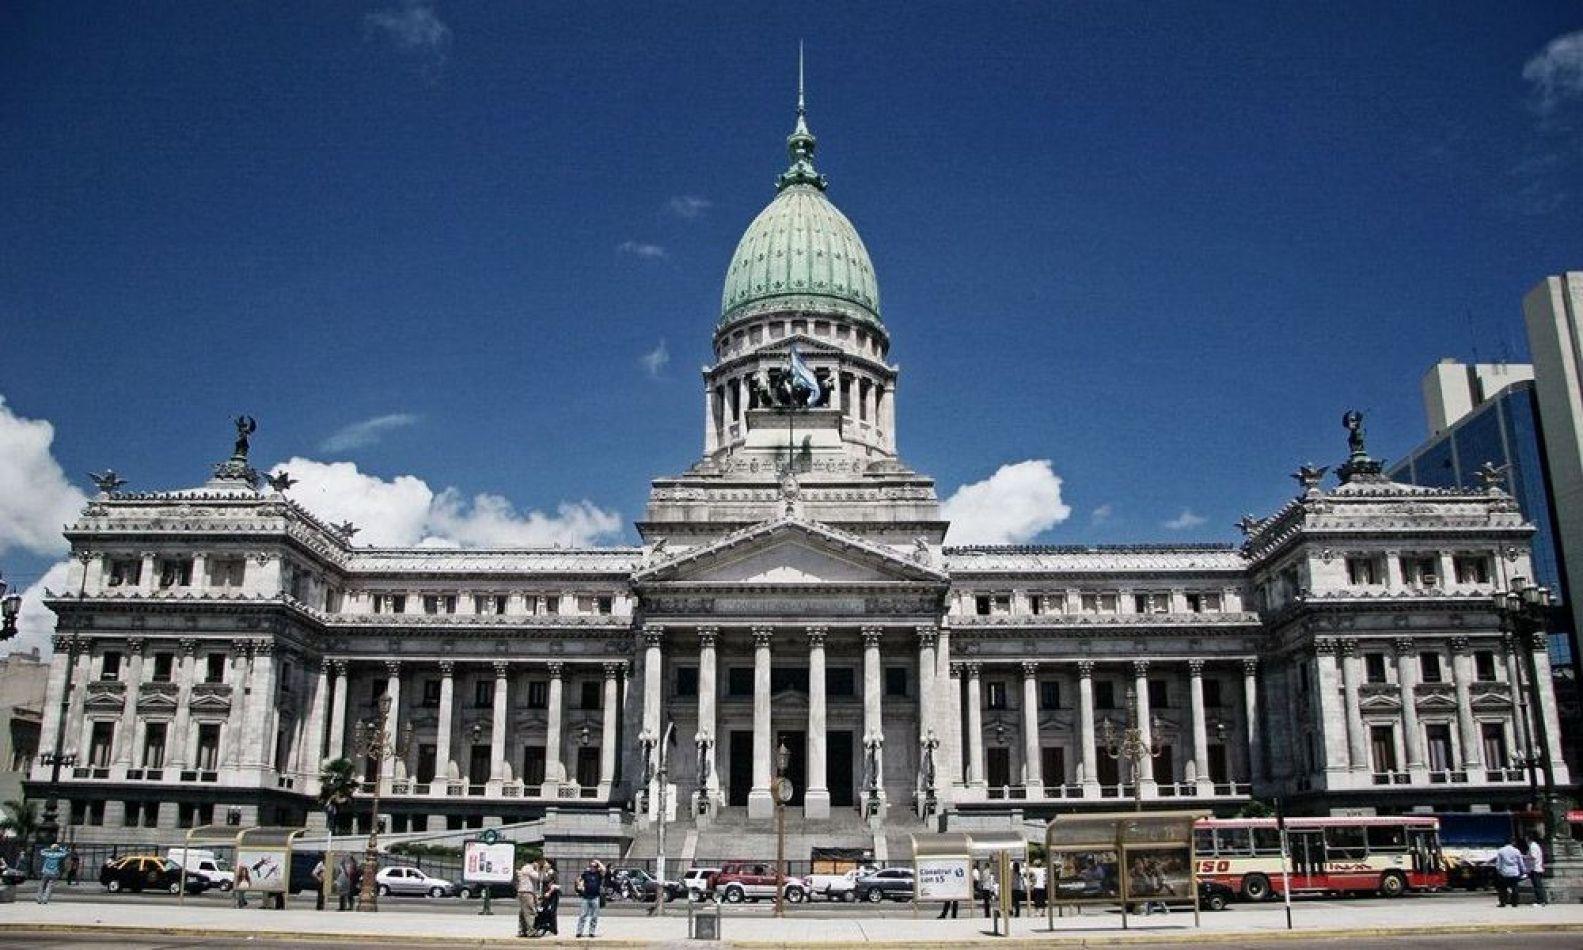 El Senado avanza esta semana en tratar la ley de biocombustibles, monotributo y bienes personales